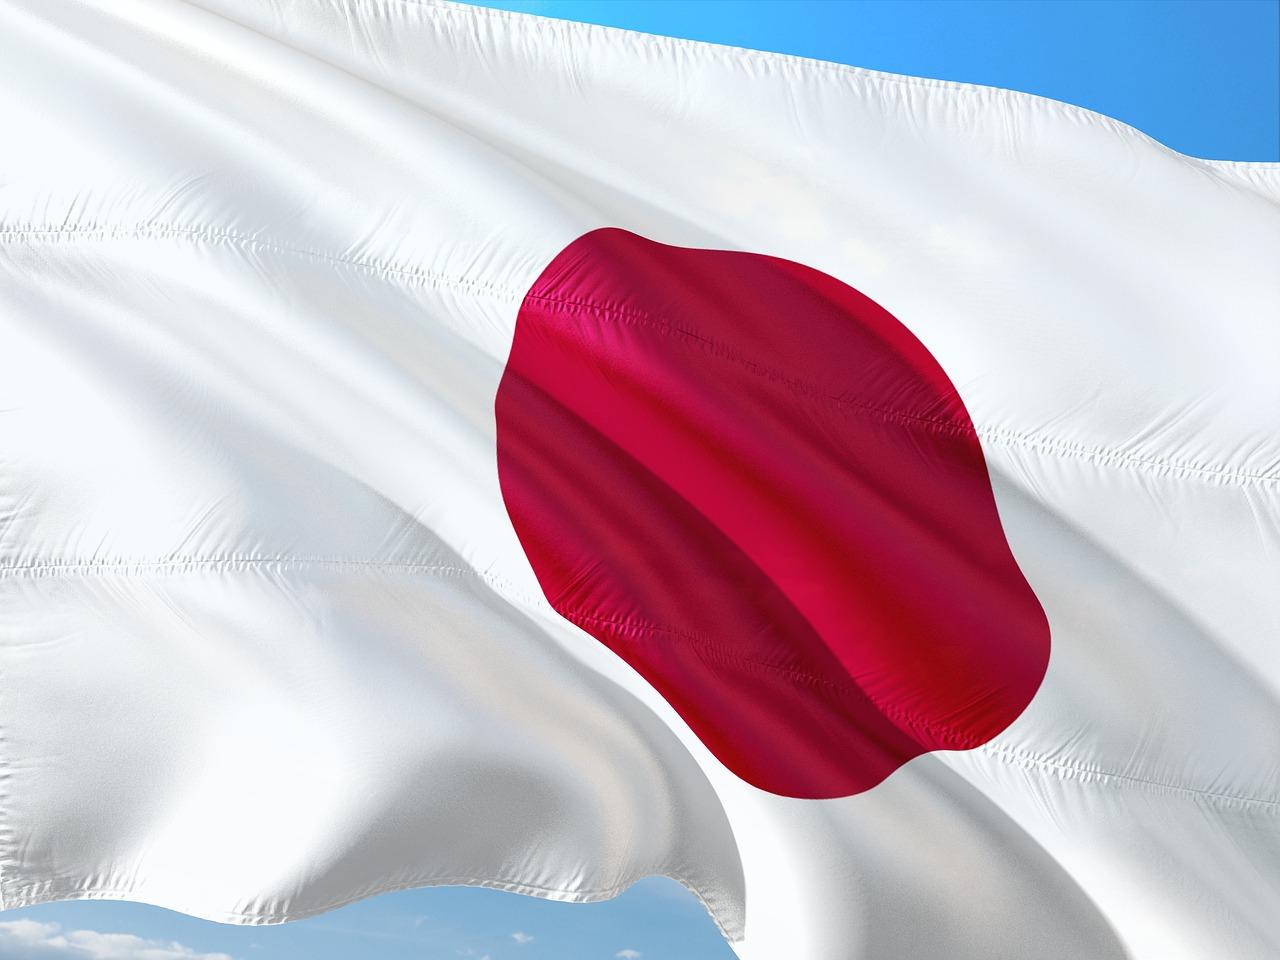 Japón declara tercera emergencia por COVID en Tokio a 3 meses de JJOO